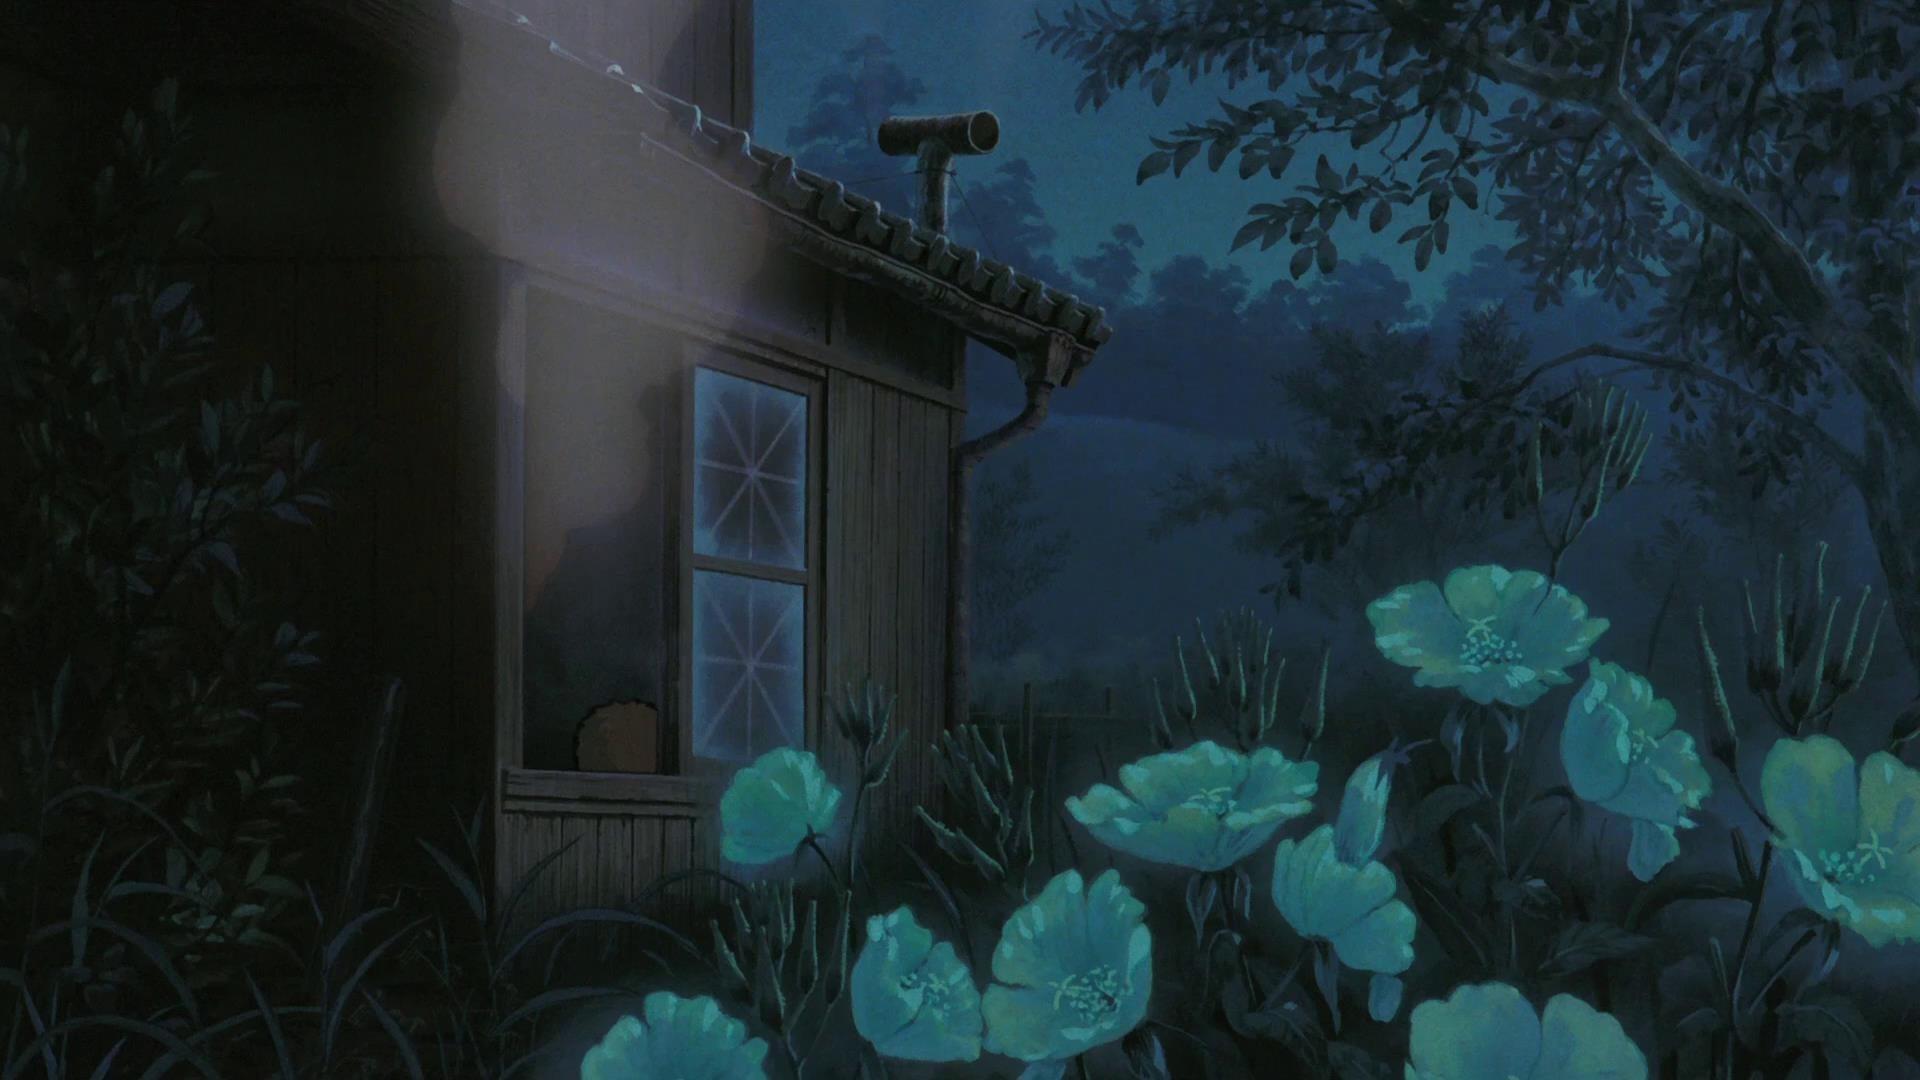 La tumba de las luciérnagas